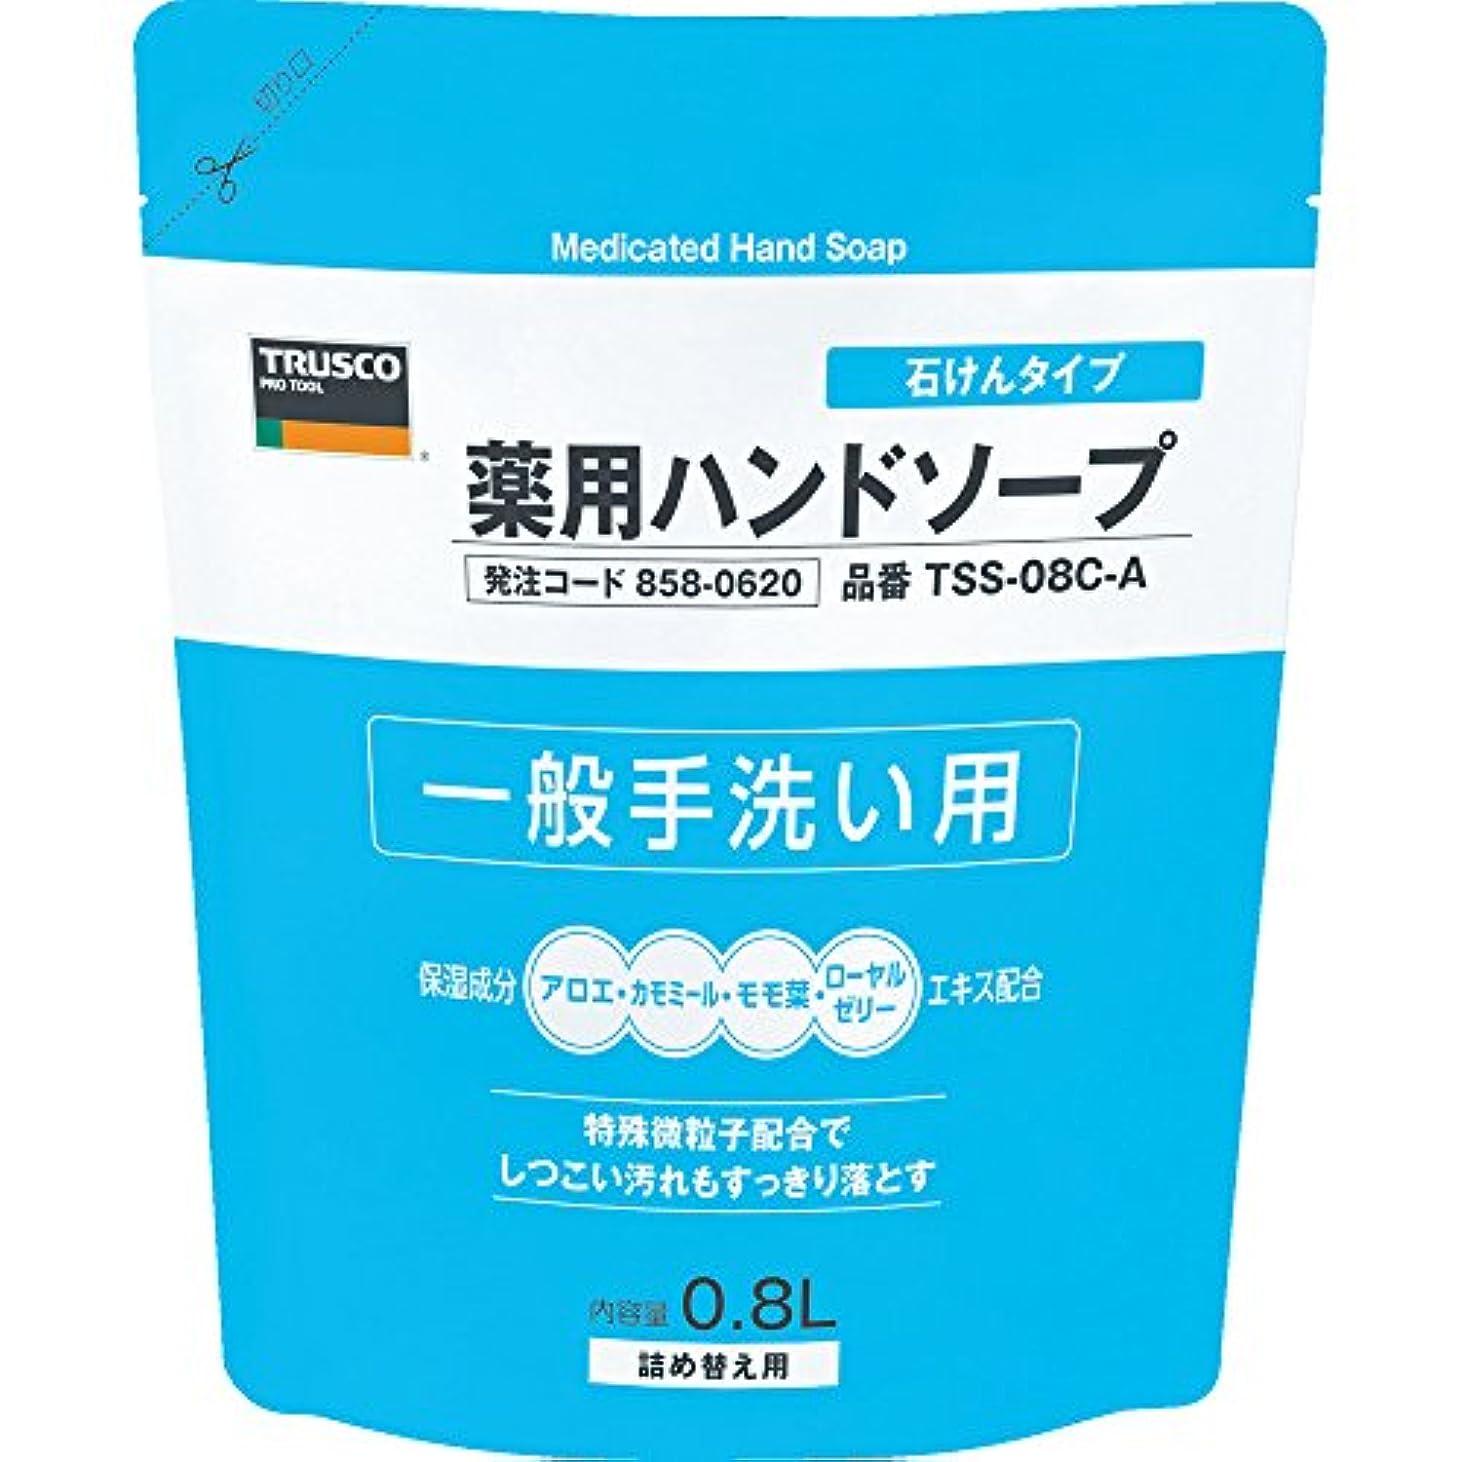 レディ測る損なうTRUSCO(トラスコ) 薬用ハンドソープ 石けんタイプ 袋入詰替 0.8L TSS-08C-A